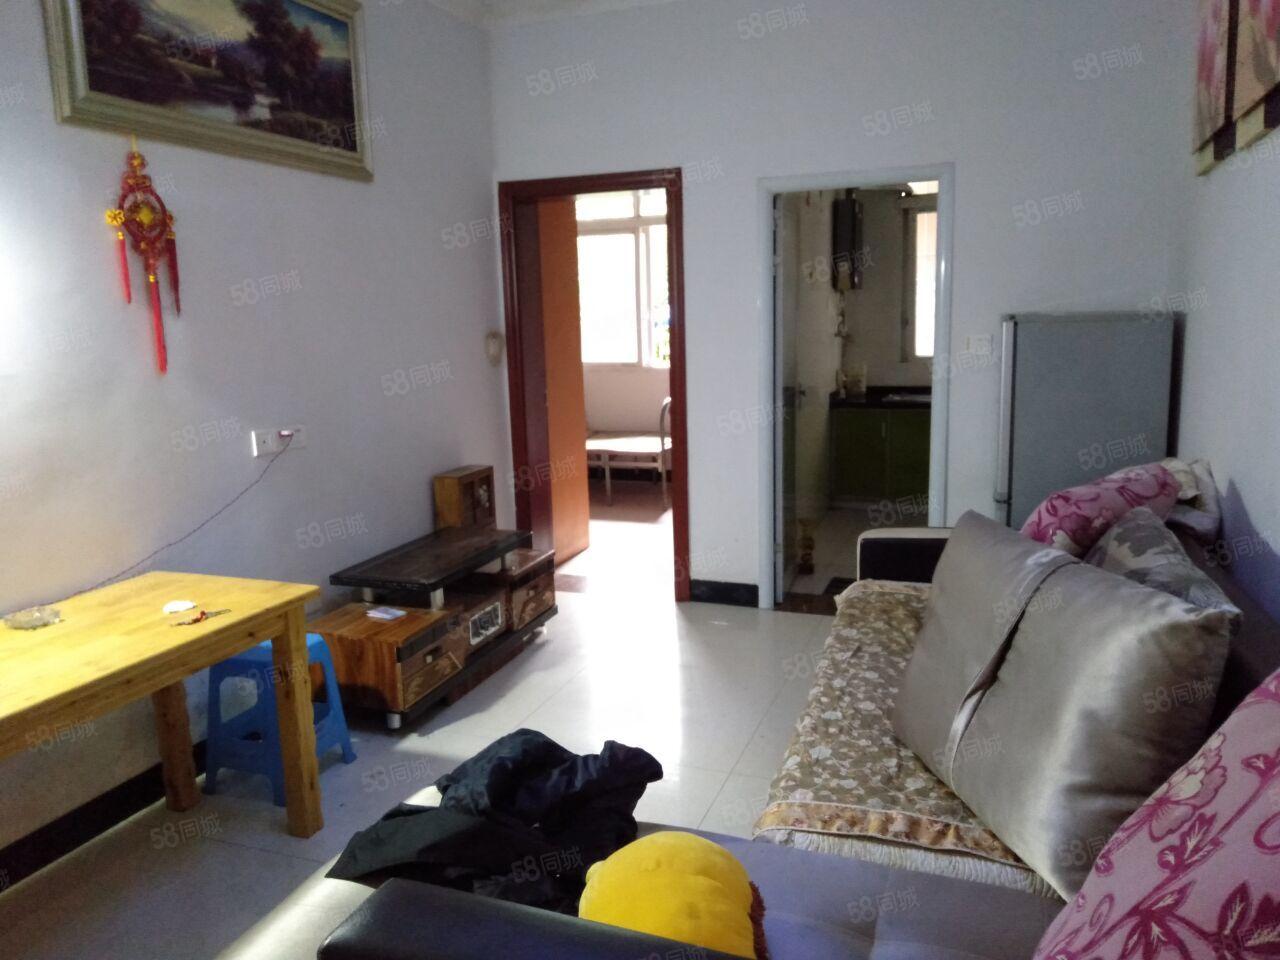 60米大街小区房2室2厅1卫中等装修家具齐全有冰箱